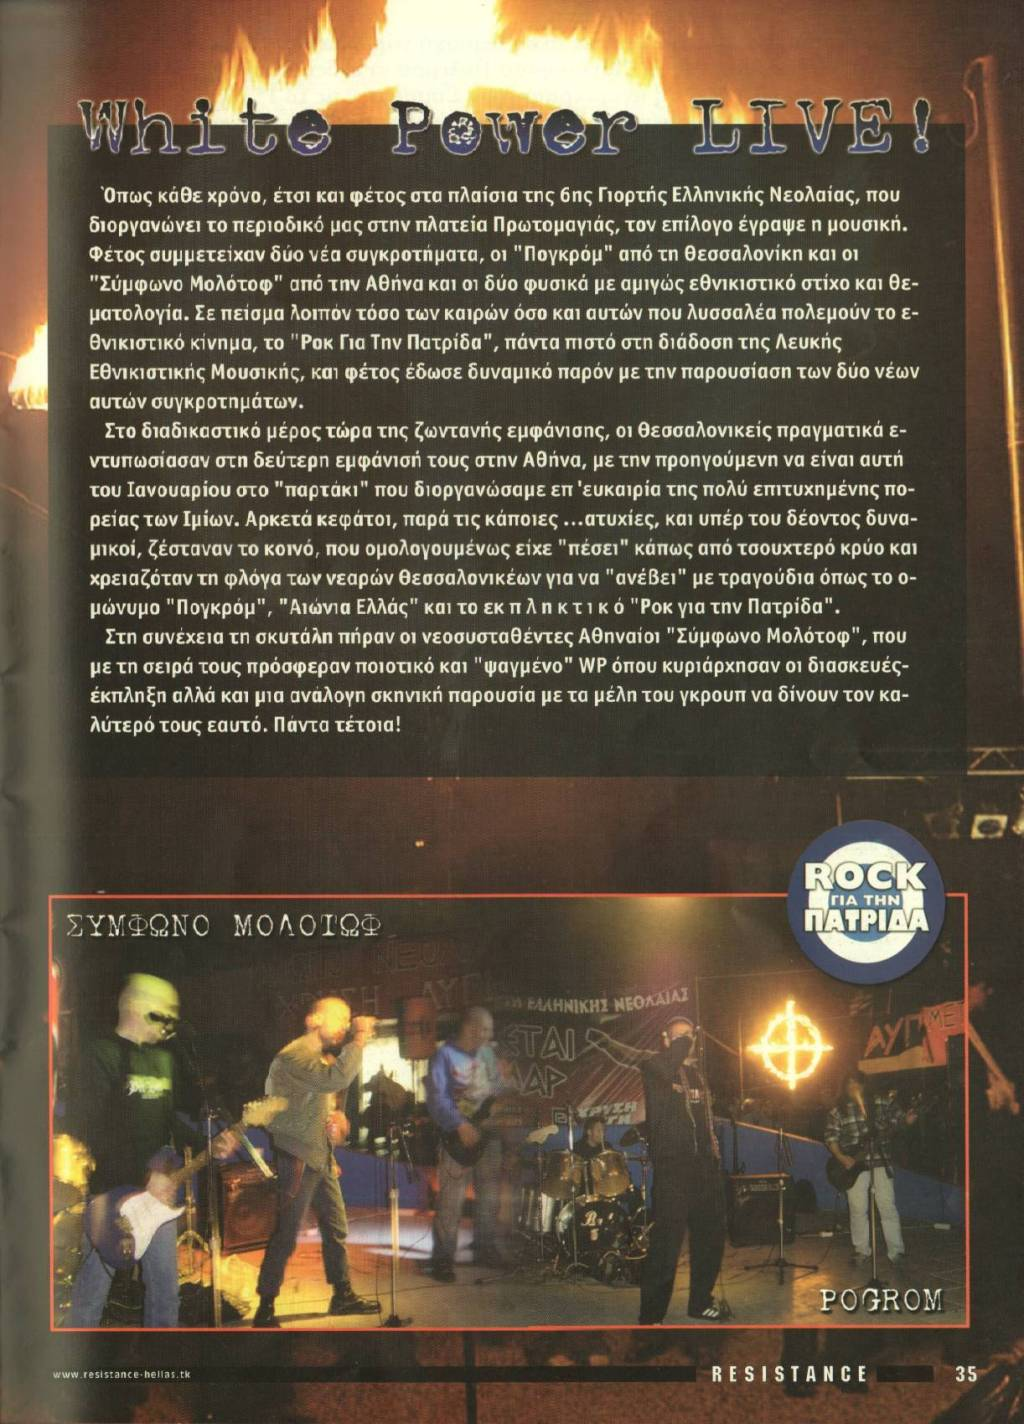 2005-12-ΔΕΚ-ΑΝΤΕΠΙΘΕΣΗ-ΤΧ#25-ΣΕΛ-35 - 6η Γιορτή Νεολαίας Χρυσή Αυγή 2005-10-29 Συναυλία Pogrom + Σύμφωνο Μολότωφ - ΑΝΤΕΠΙΘΕΣΗ, Α.Τ. 25, 12-2005, σελ. 35